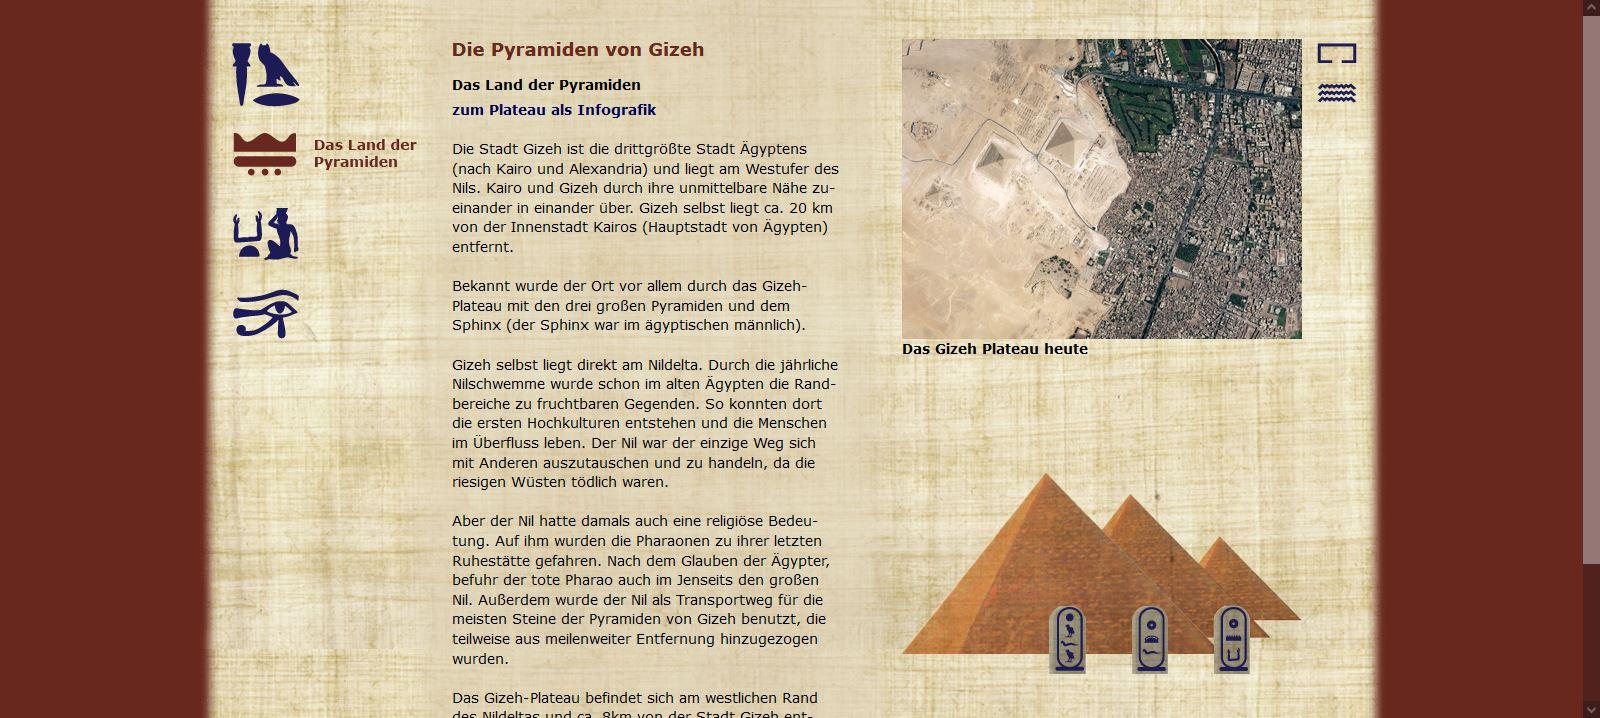 Die Pyramiden von Gizeh - Das Land der Pyramiden